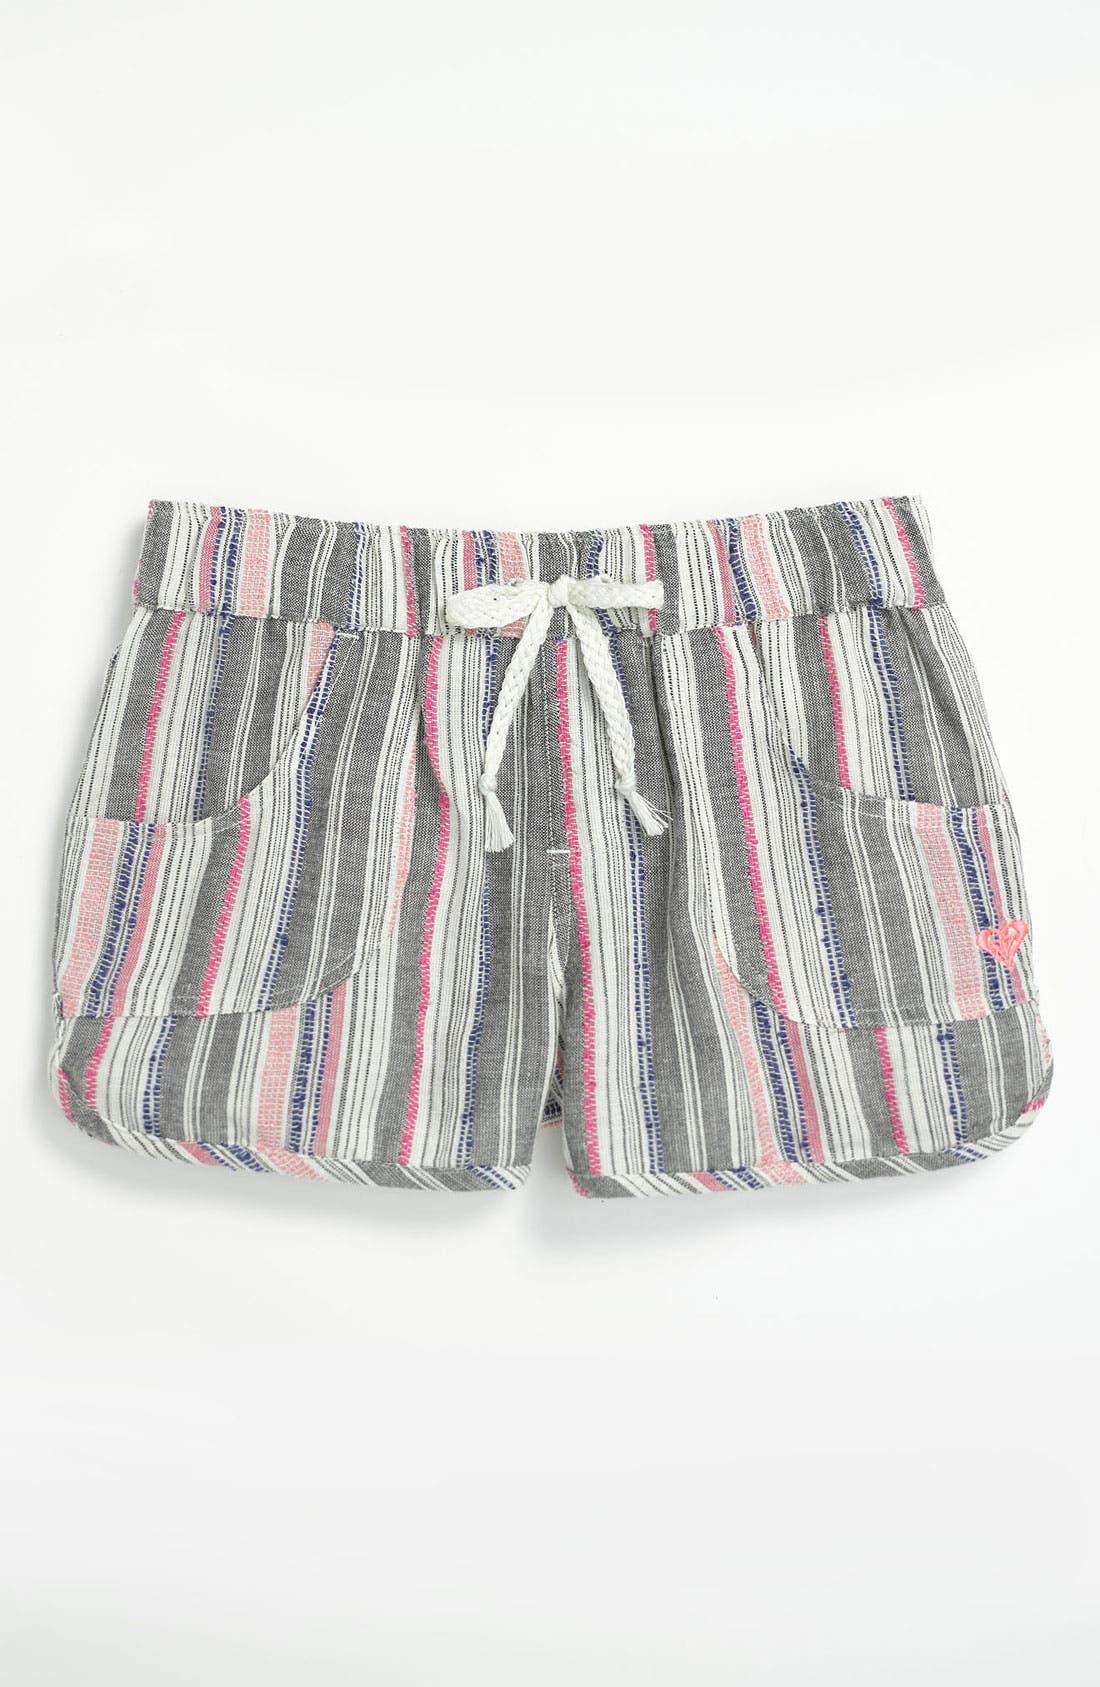 Alternate Image 1 Selected - Roxy 'Sweet & Sunny' Shorts (Big Girls)